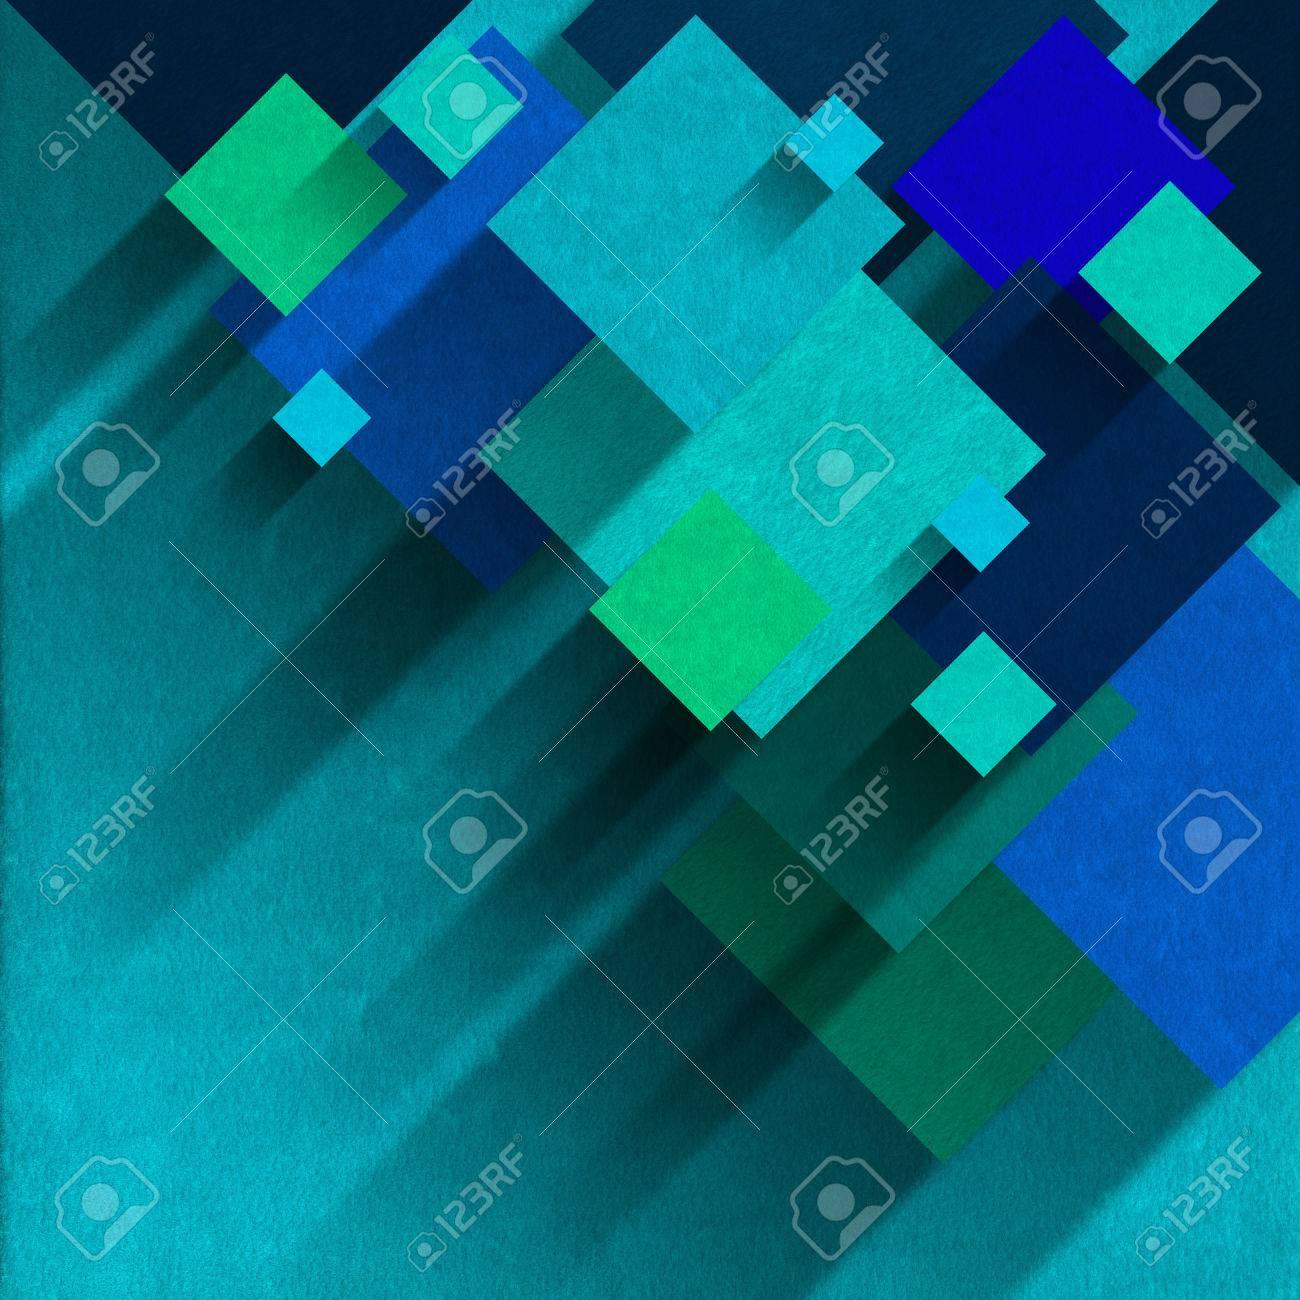 Piazze Di Velluto Blu E Verde Su Sfondo Di Velluto Azzurro Con Le Ombre